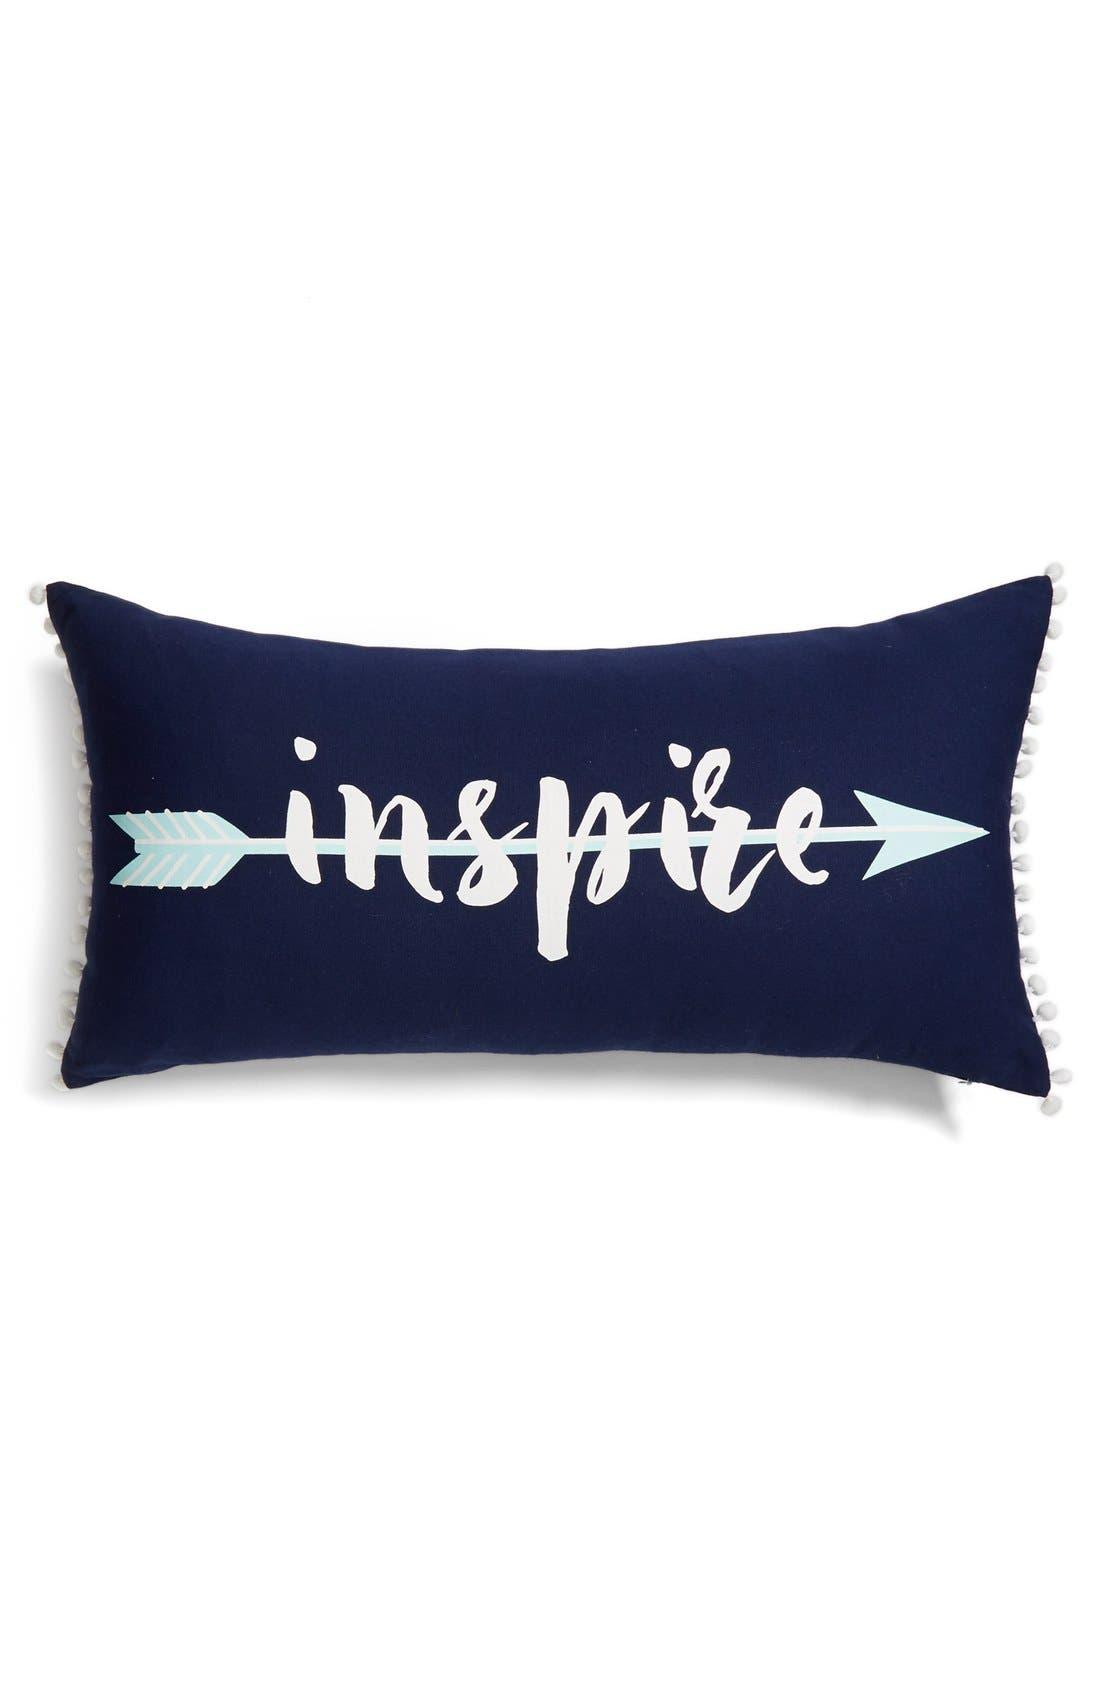 Main Image - Levtex 'Inspire' Pom Pom Pillow